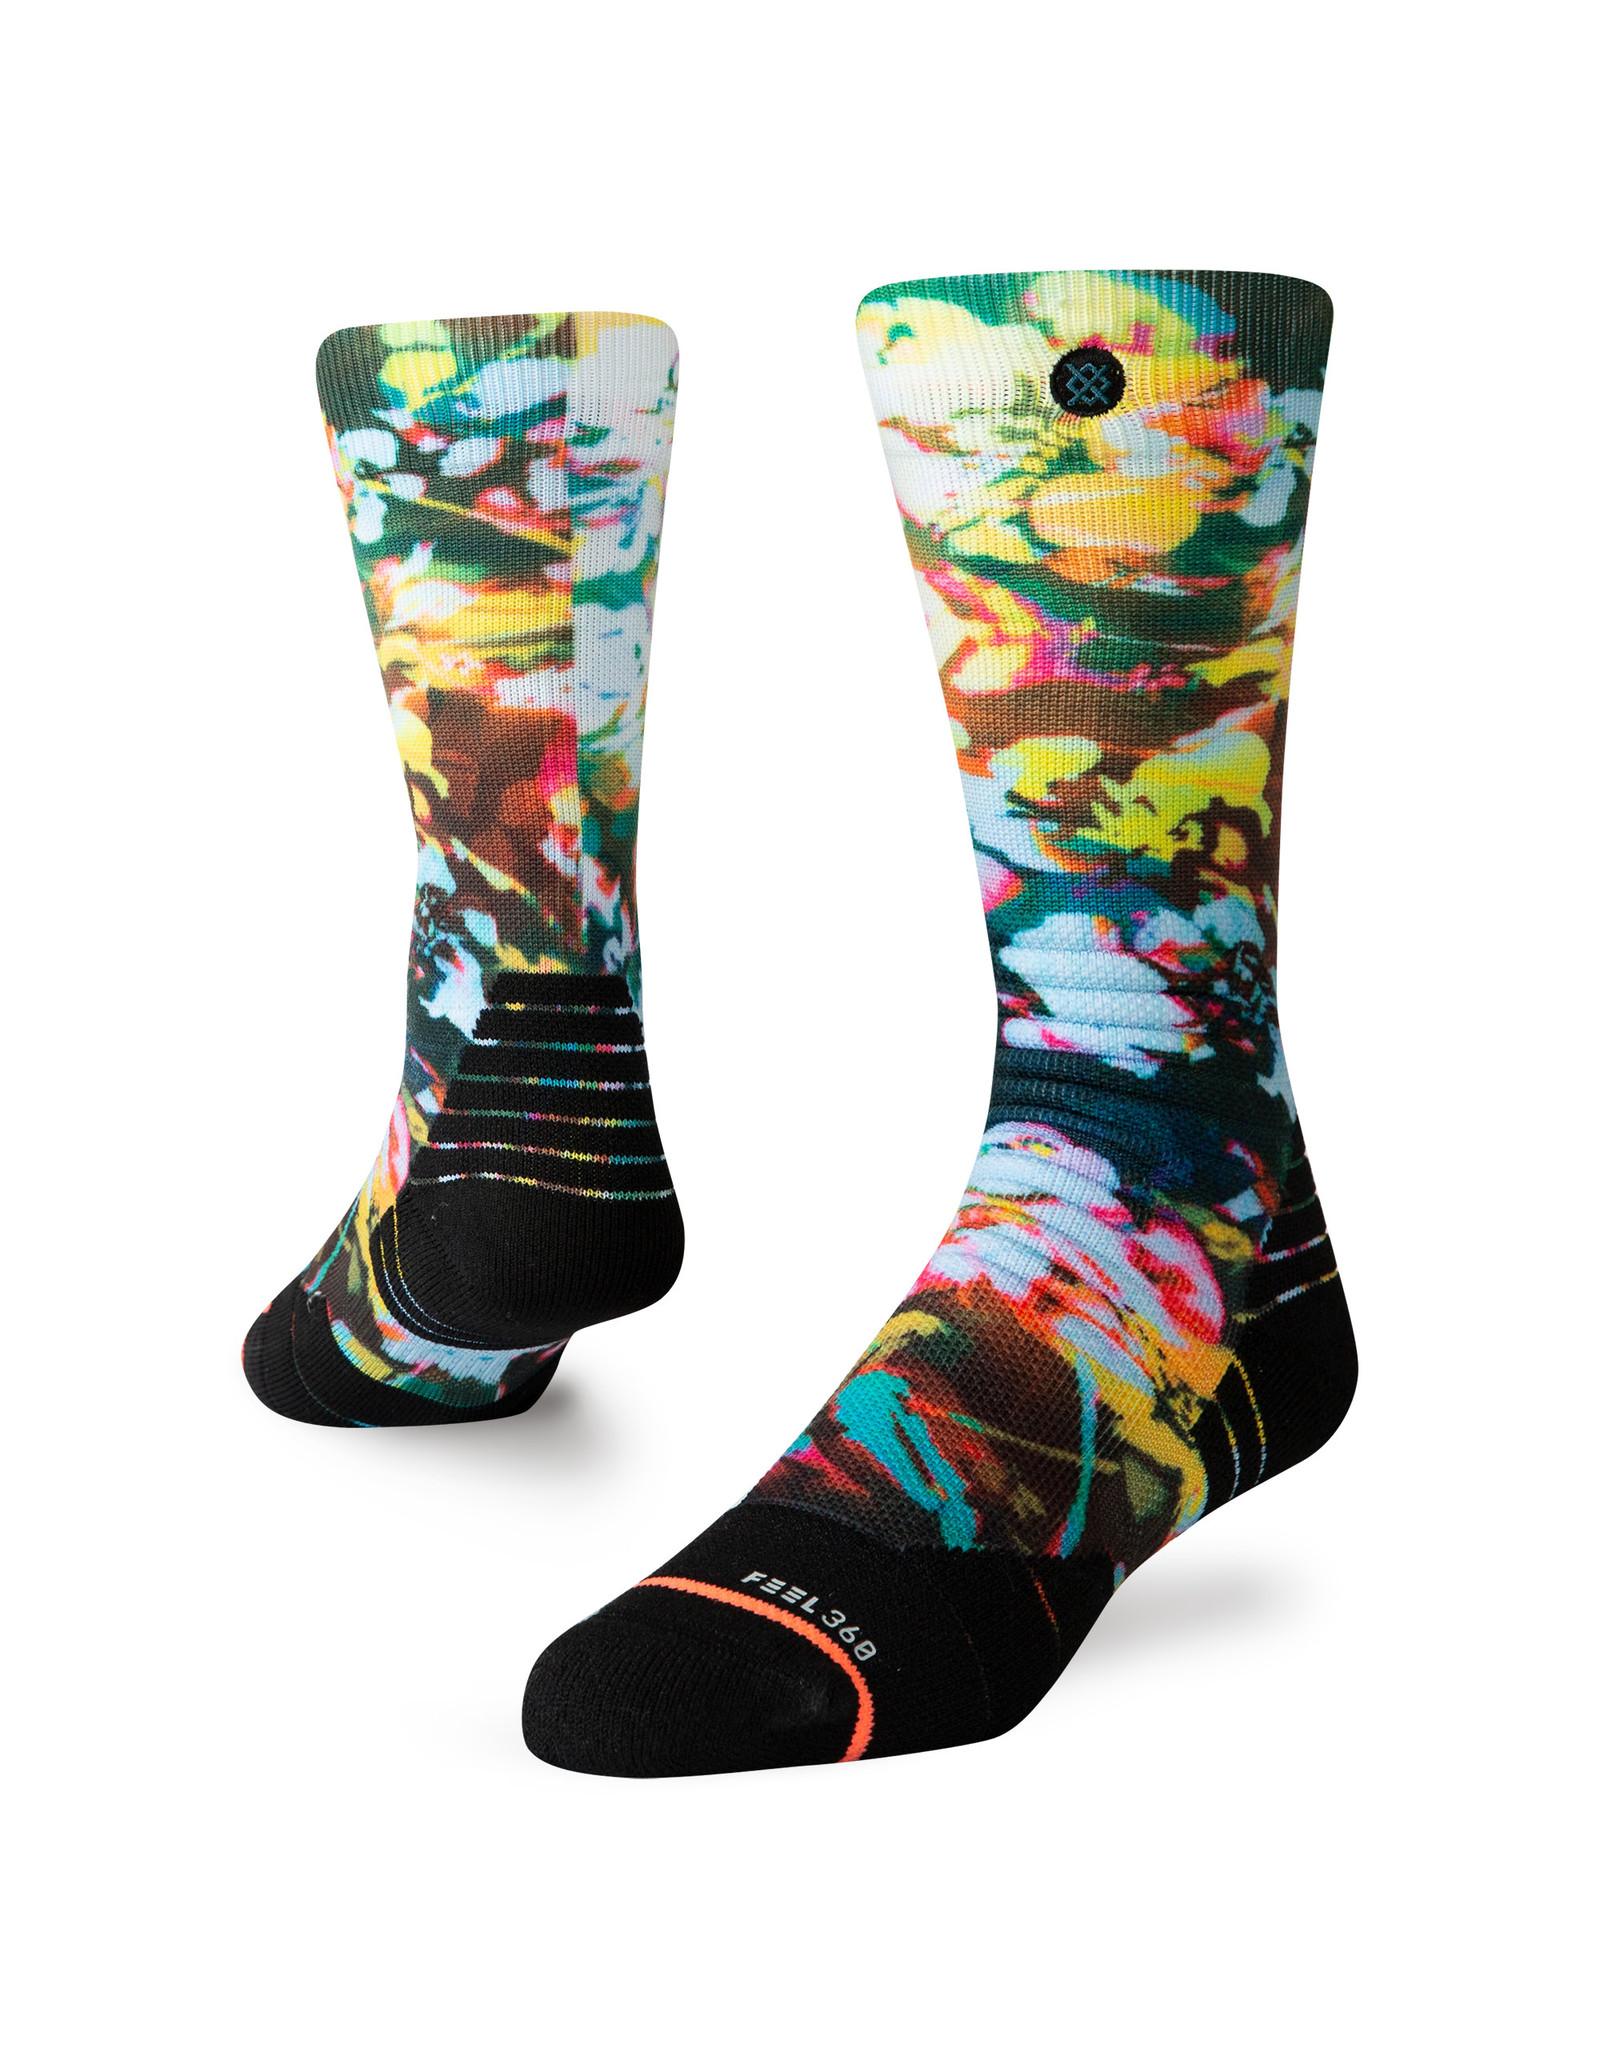 Stance Socks Snow Poly Blend Women's Socks